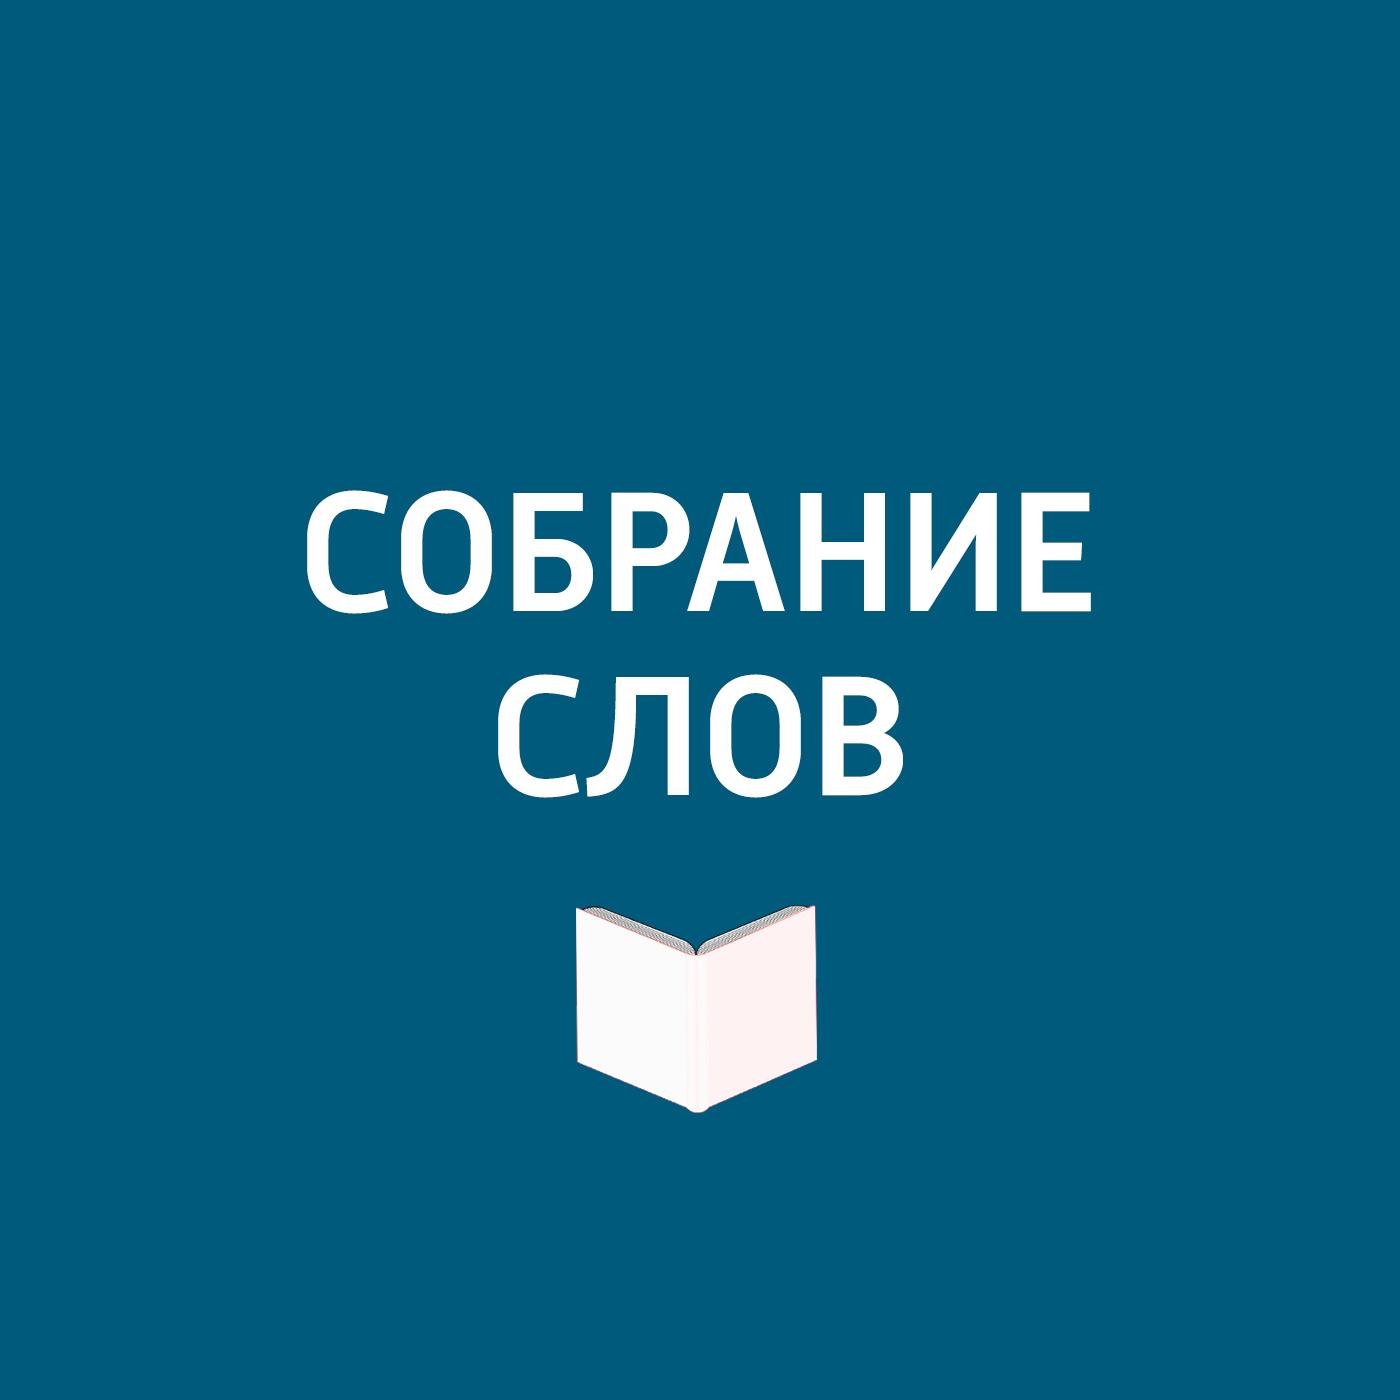 Творческий коллектив программы «Собрание слов» Большое интервью Леонида Видгофа все цены